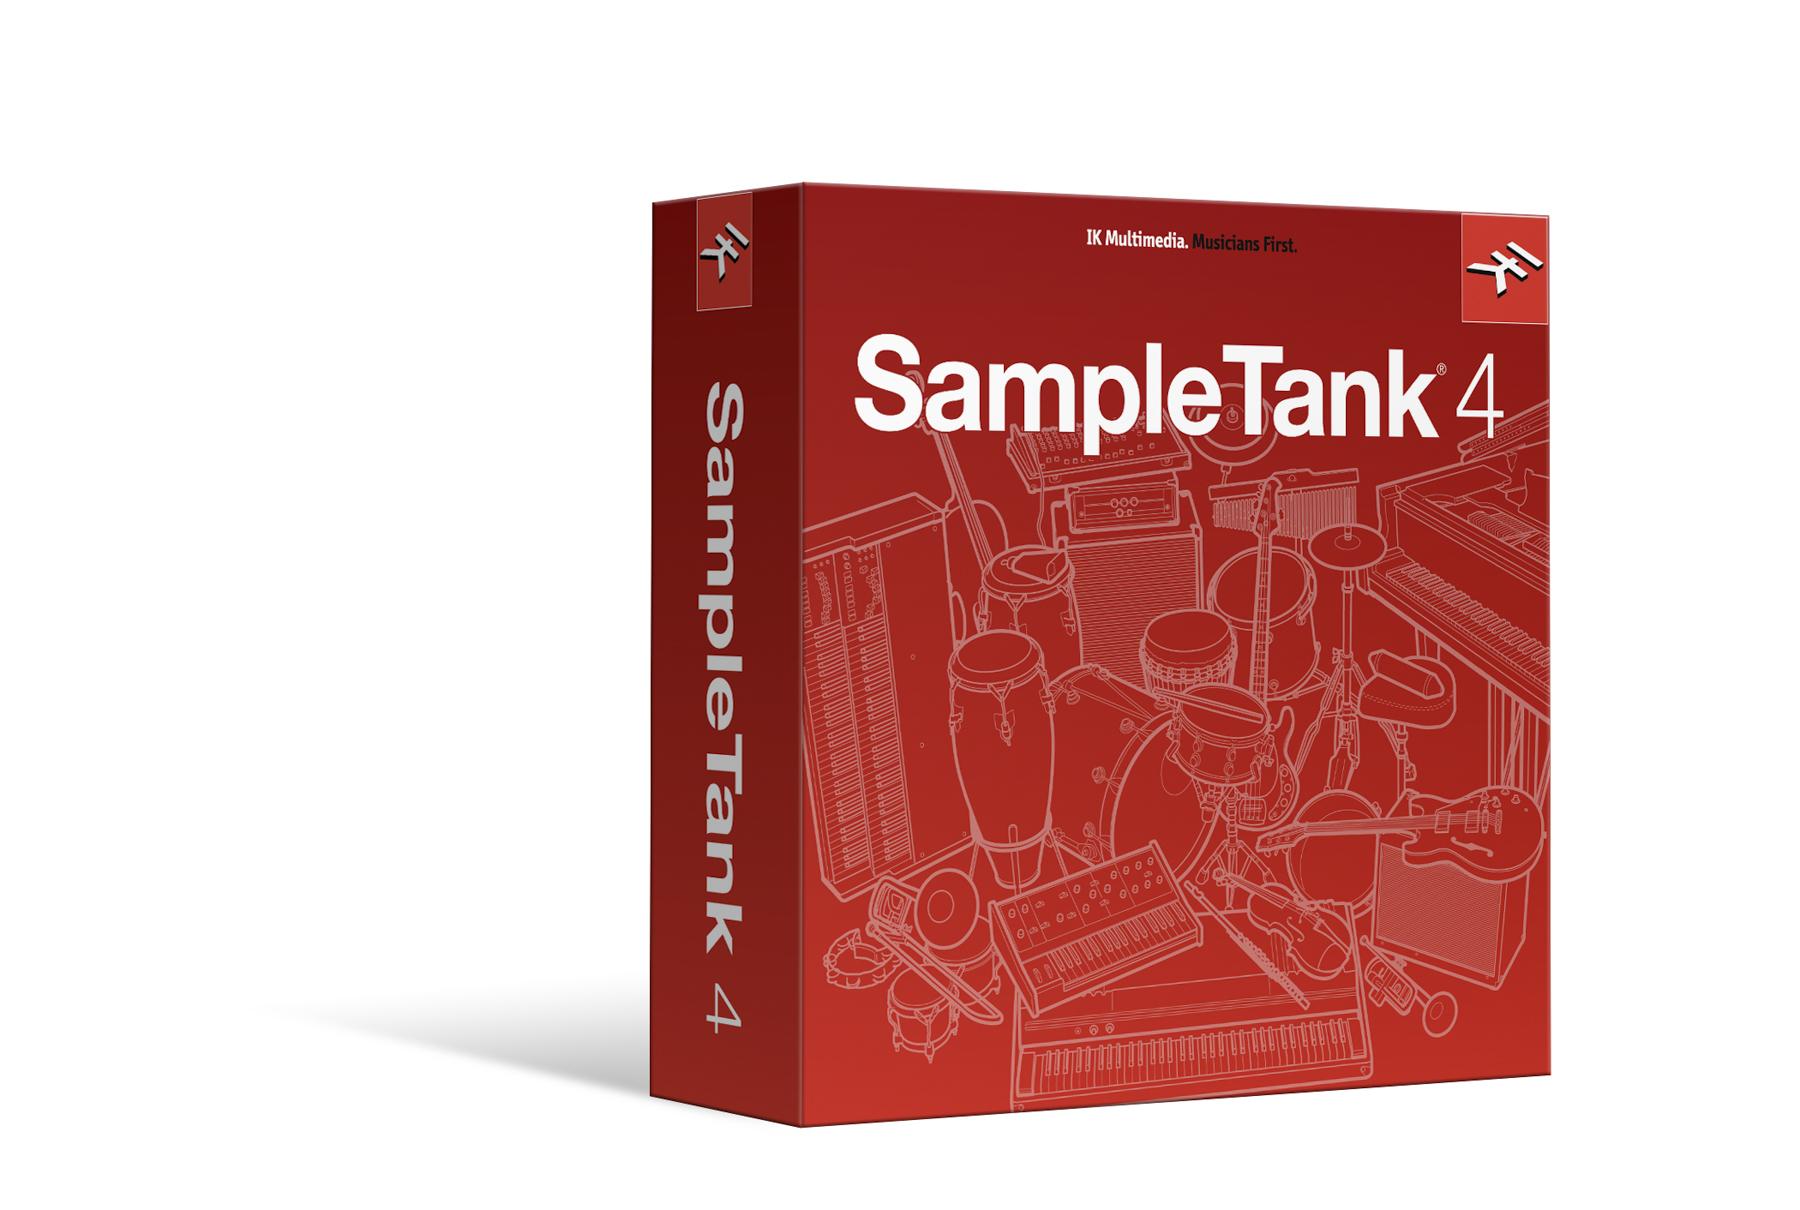 News: IK Multimedia präsentiert SampleTank 4